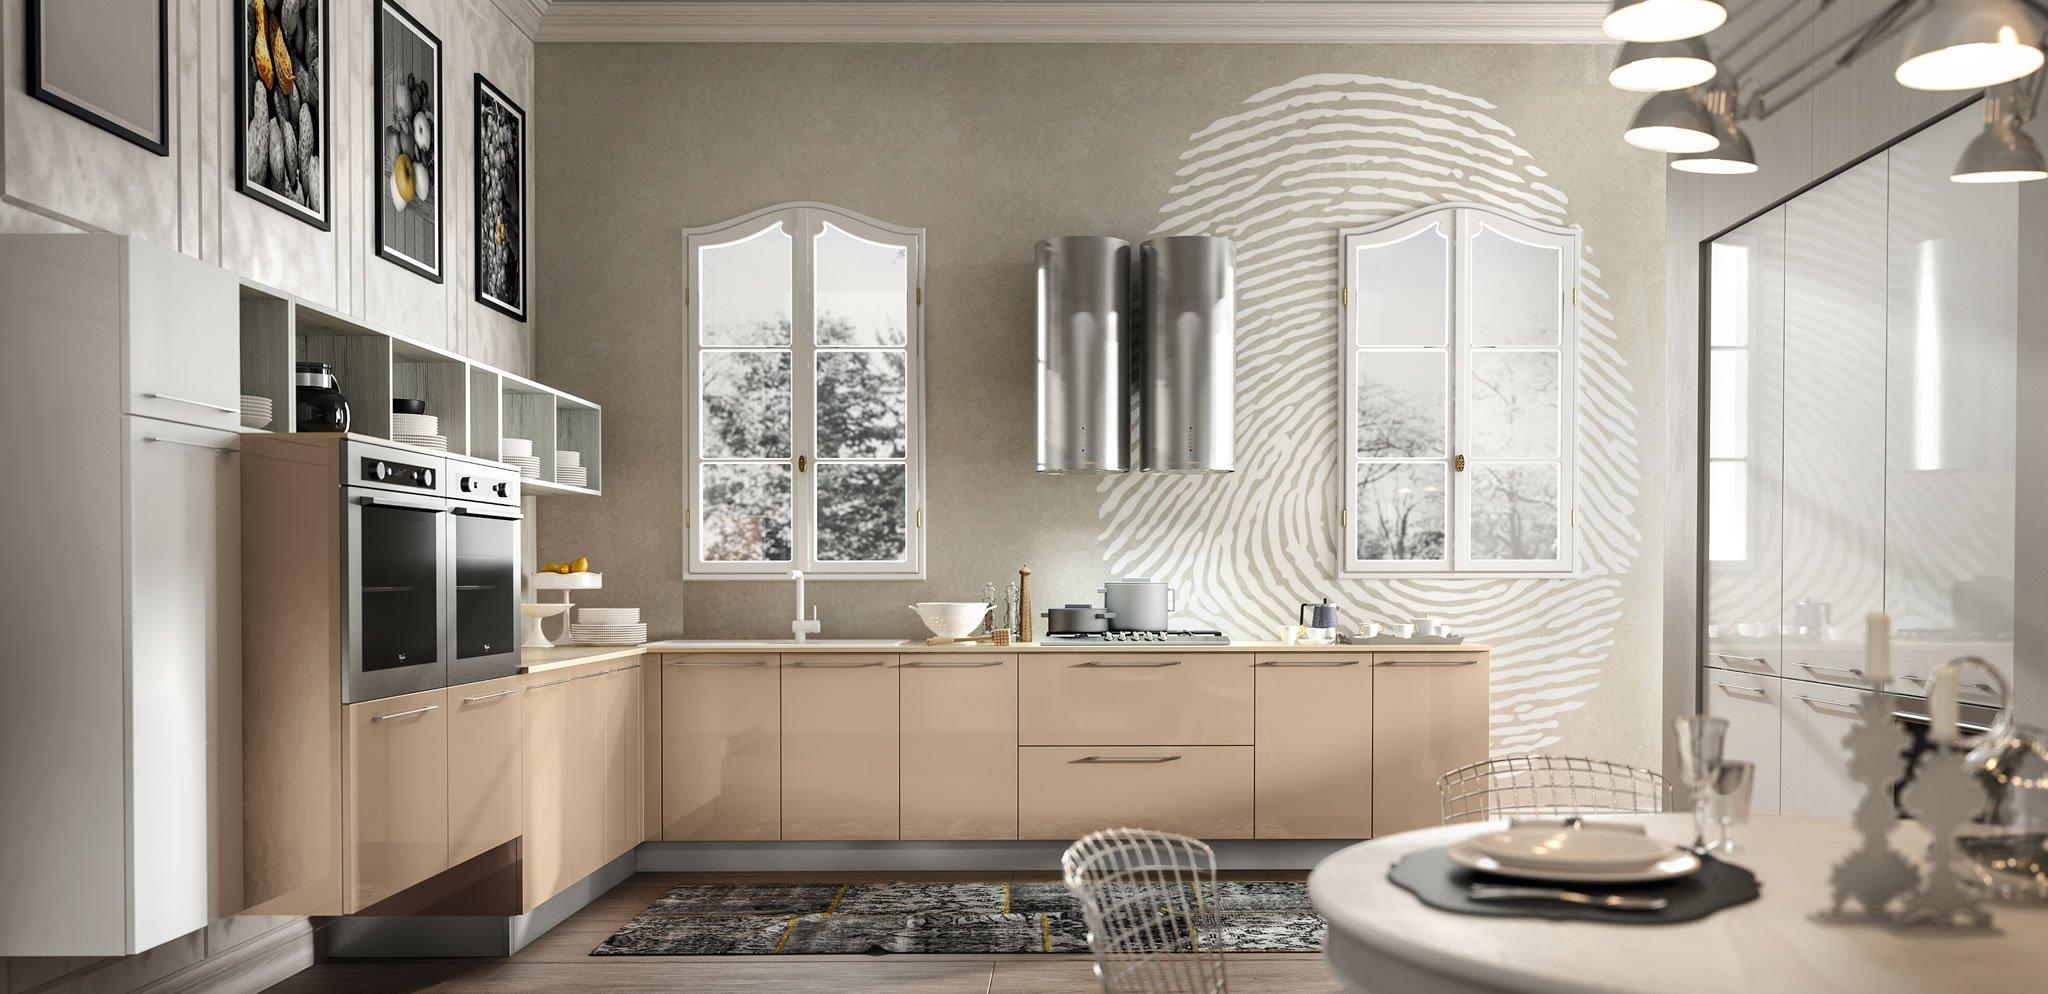 Декор на кухне с мебелью цвета капучино